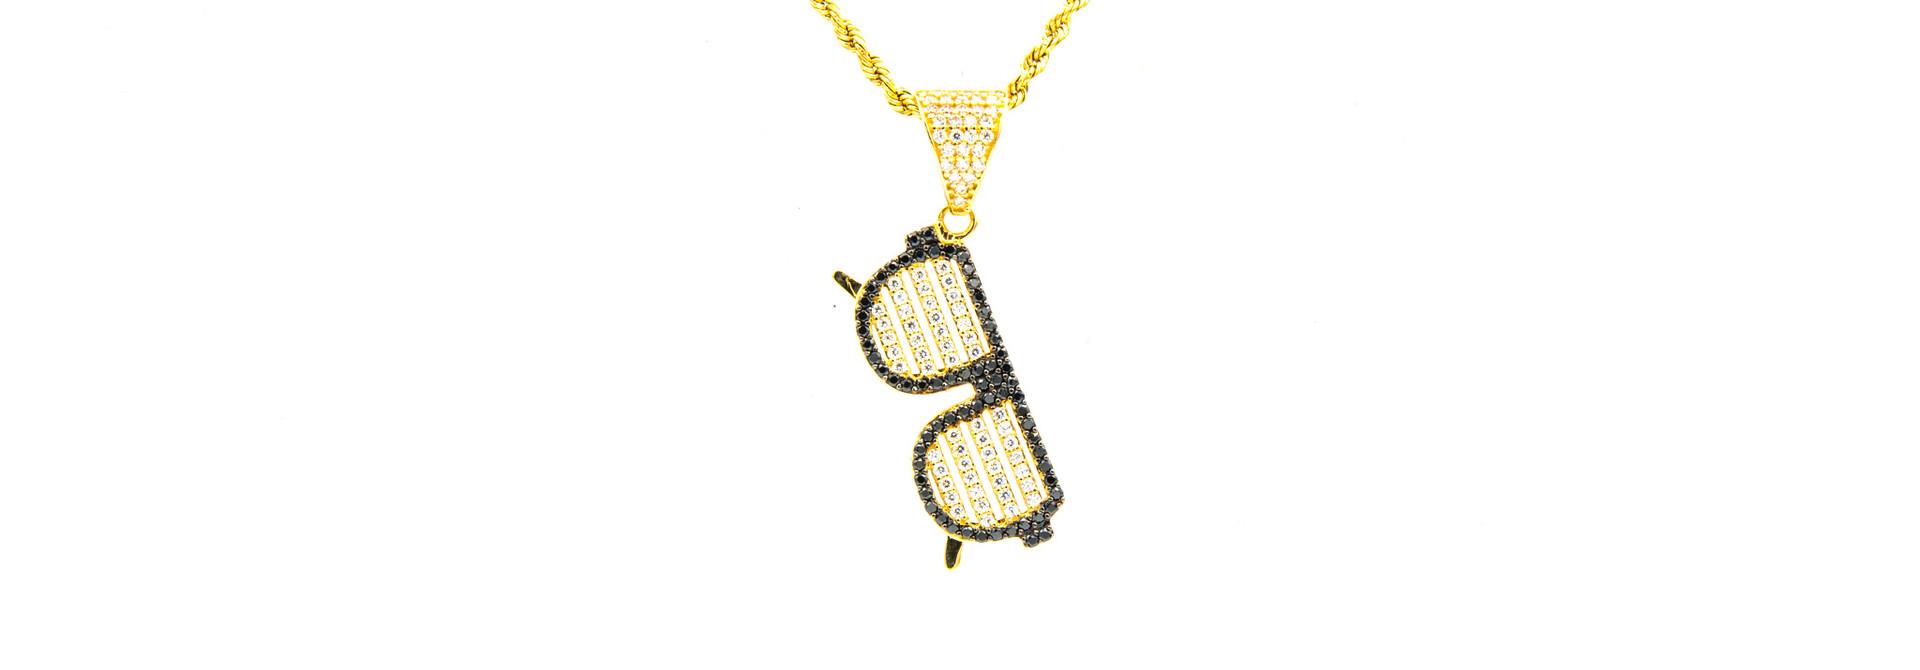 Hanger zonnebril met witte glazen met zirkonia